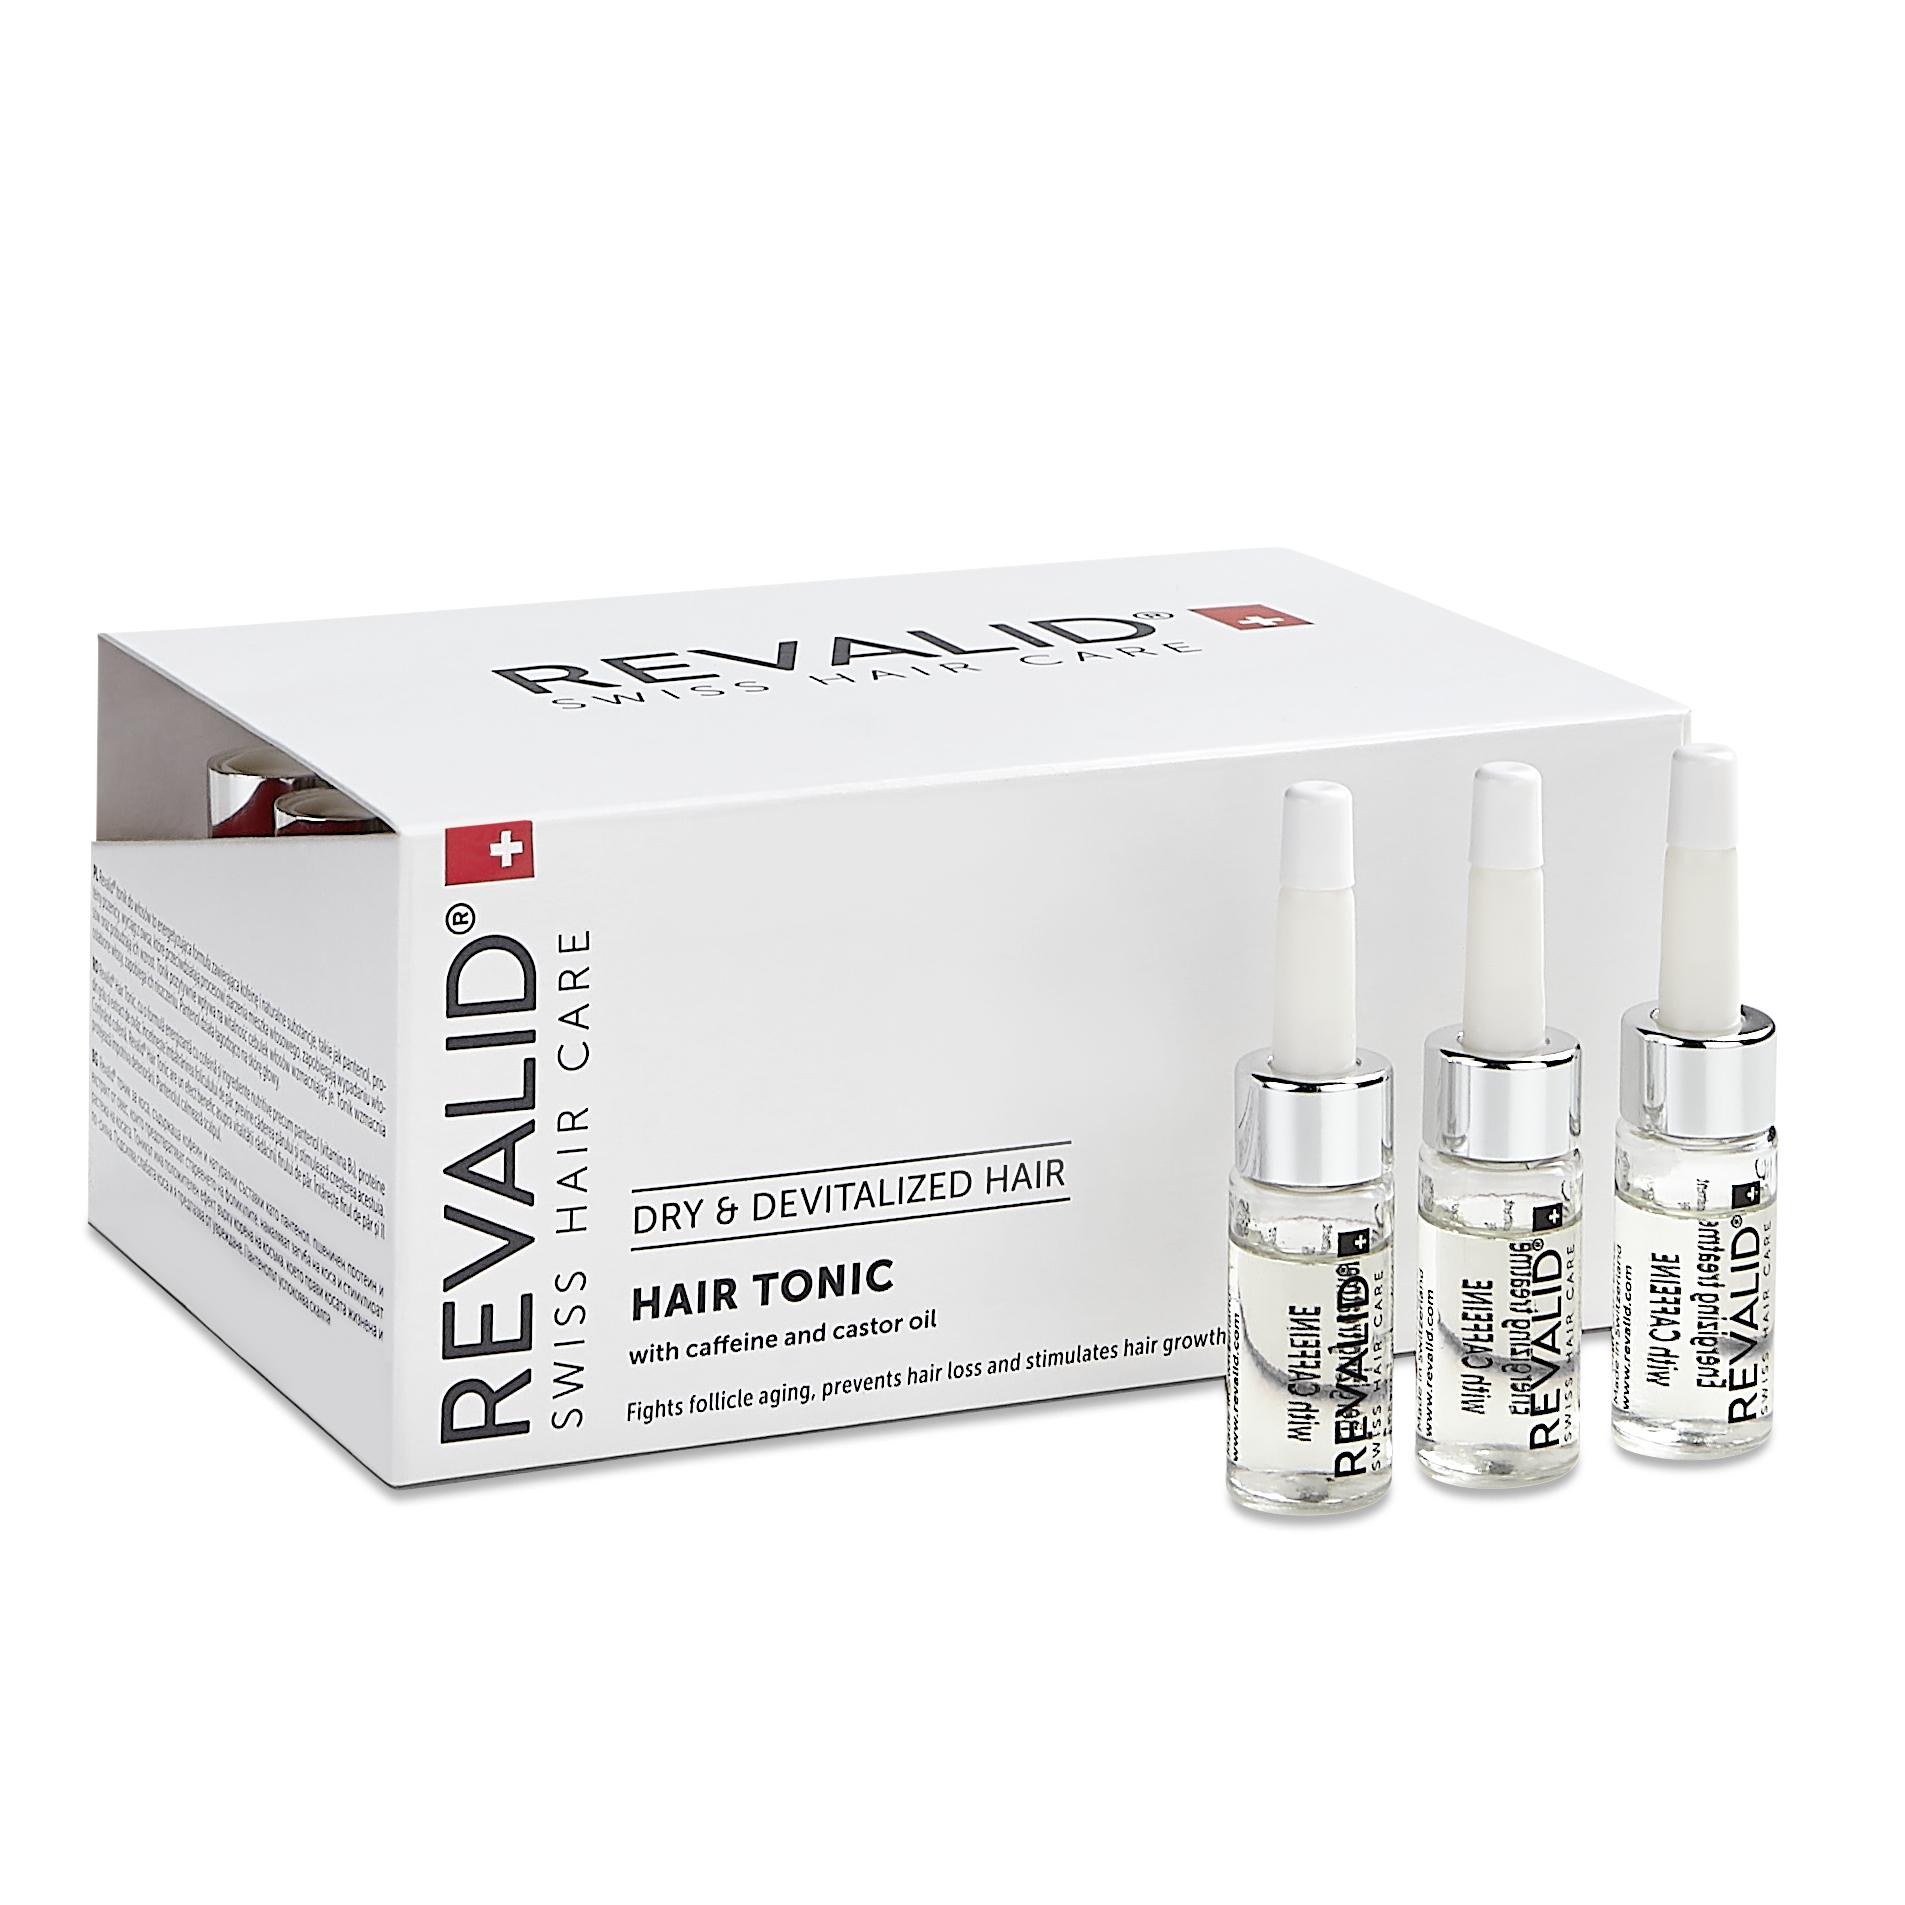 Loțiune activă și energizantă cu cofeină și extracte naturale pentru par Revalid Tonic, 20 fiole, Ewopharma